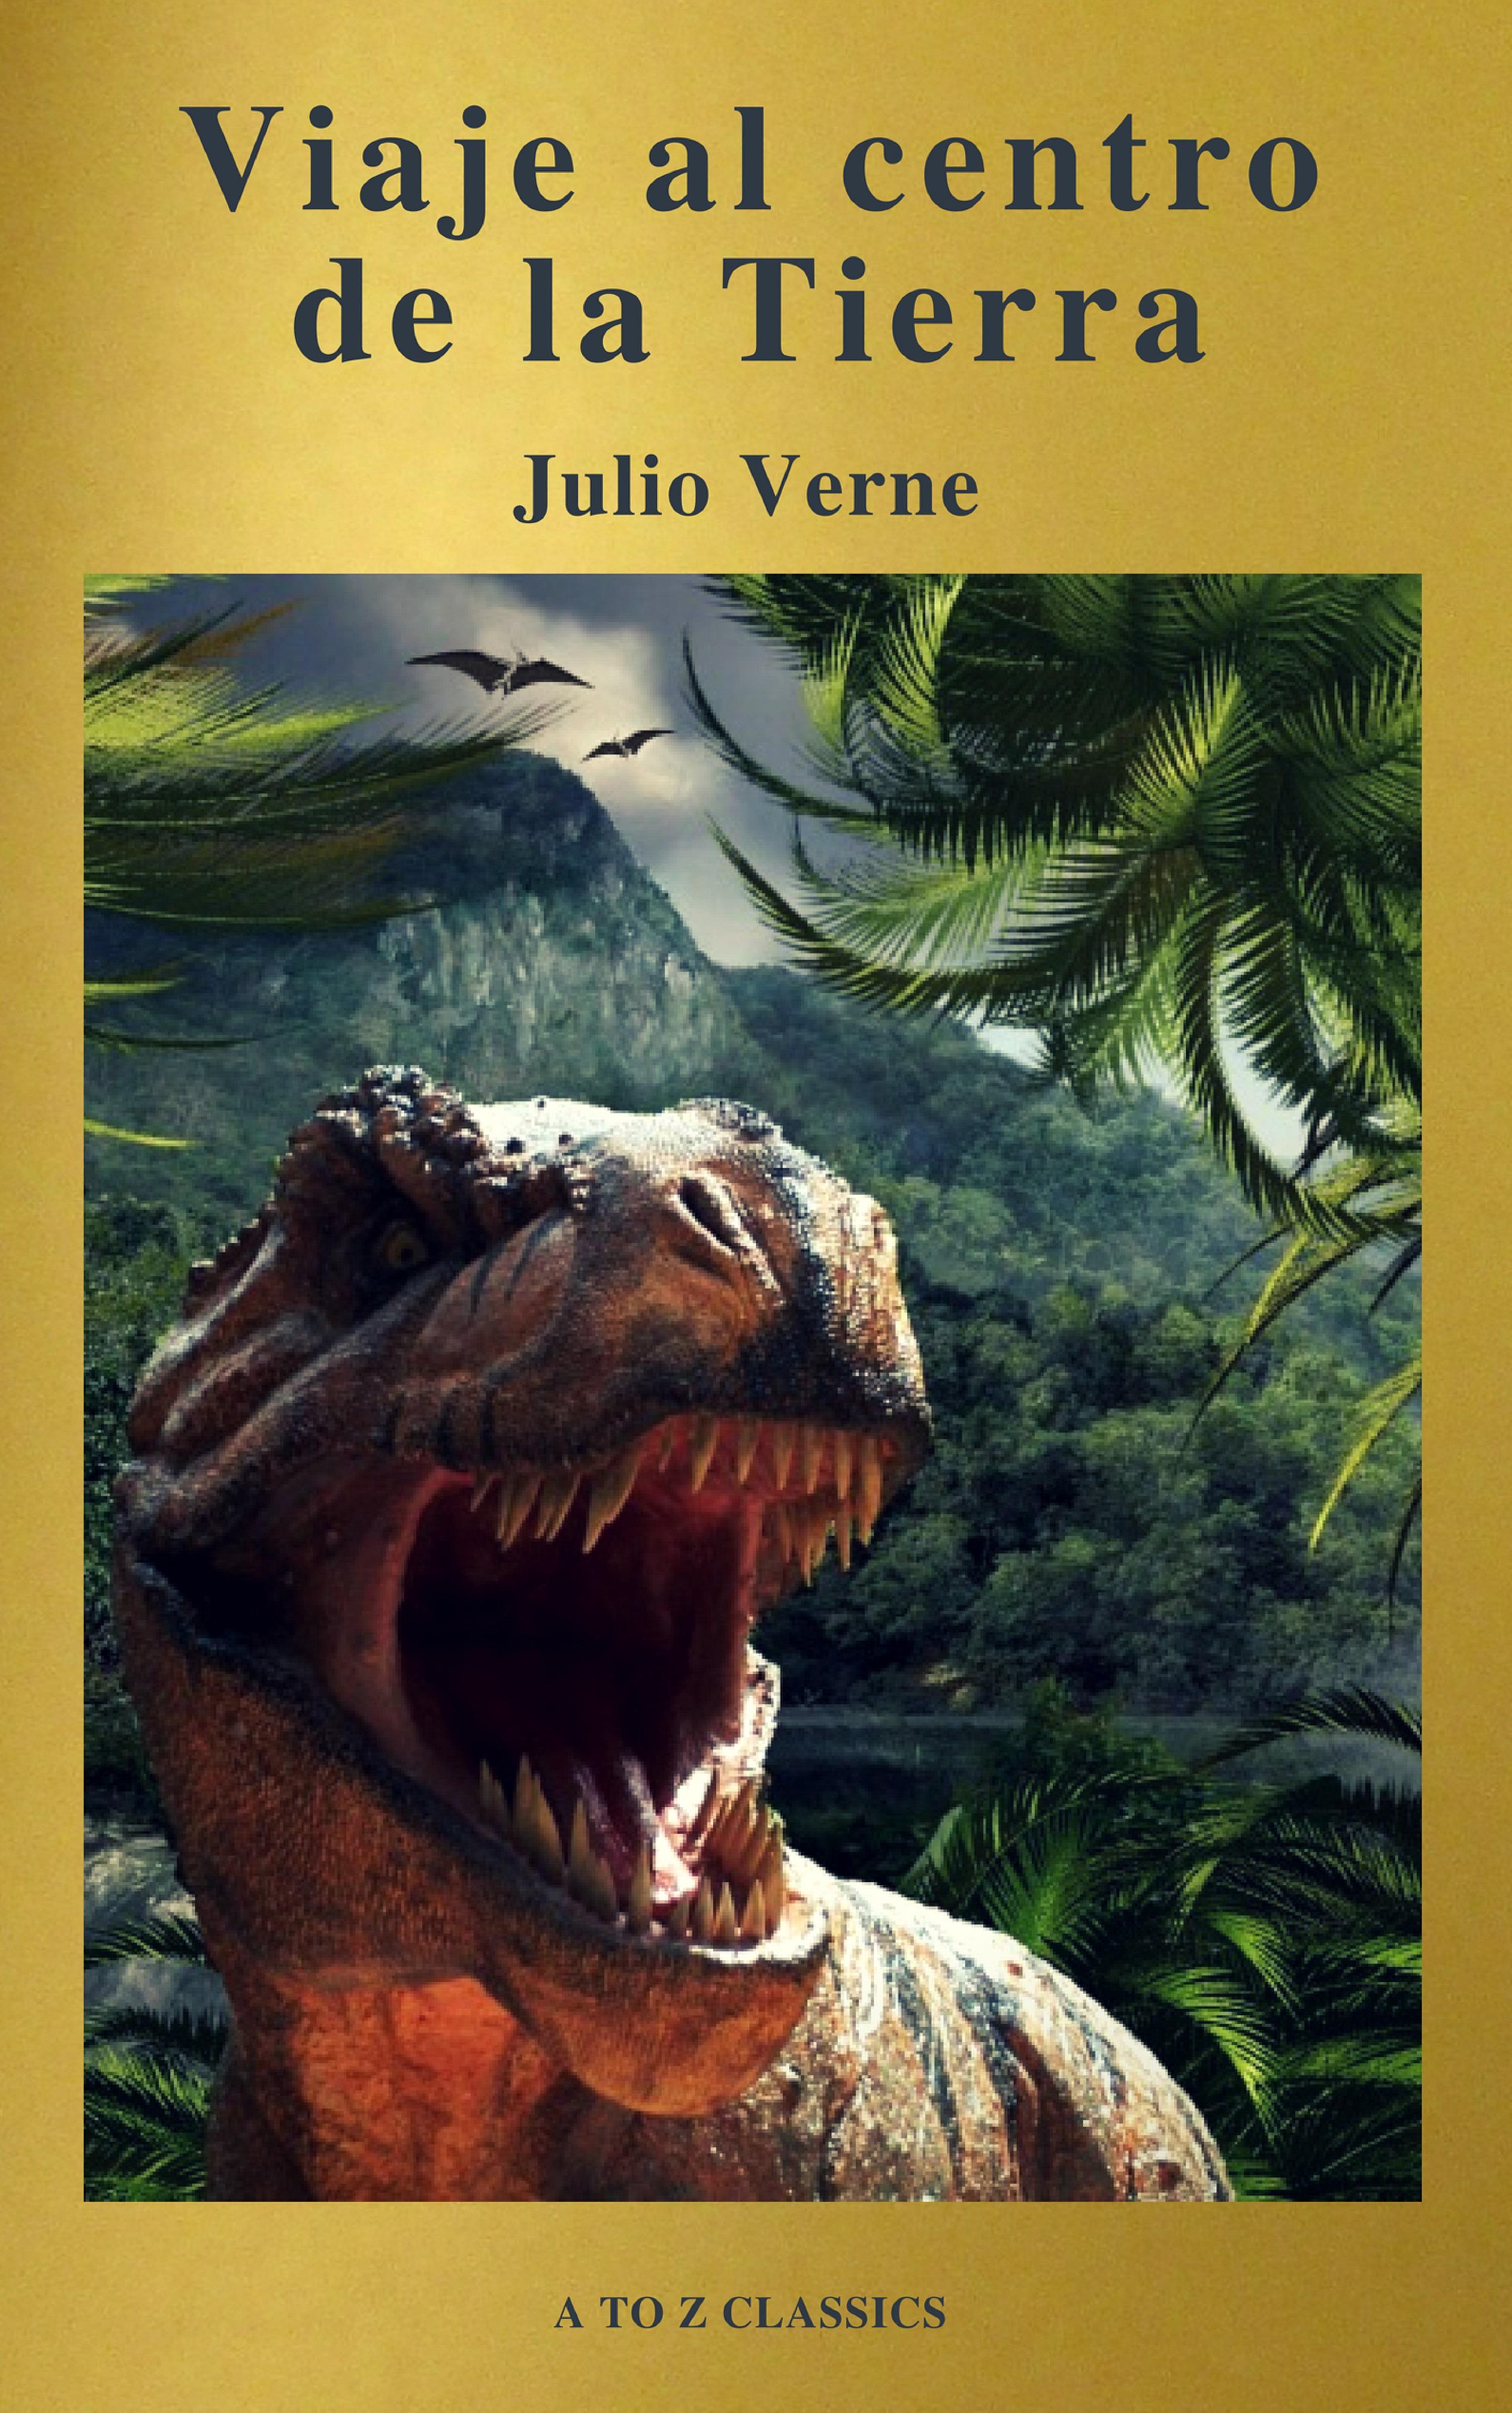 Julio Verne Viaje al centro de la Tierra: Clásicos de la literatura (A to Z Classics) cortazar de la a a la z